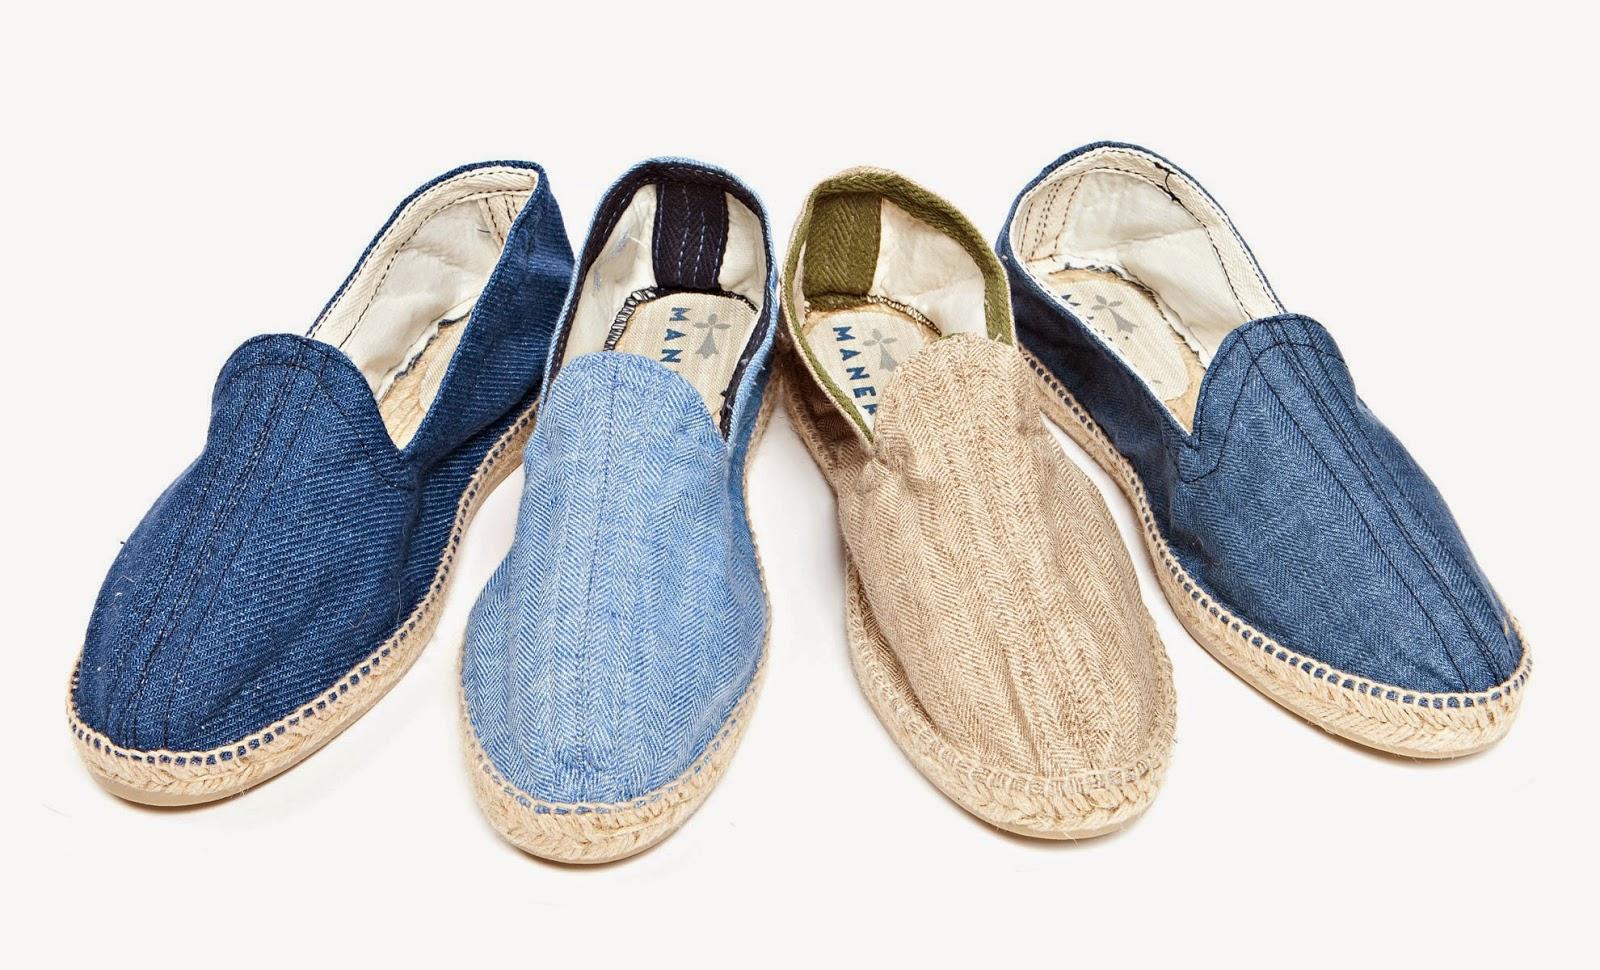 Amazon Zapatos para hombre Zapatos y complementos  - imagenes de zapatillas para hombres